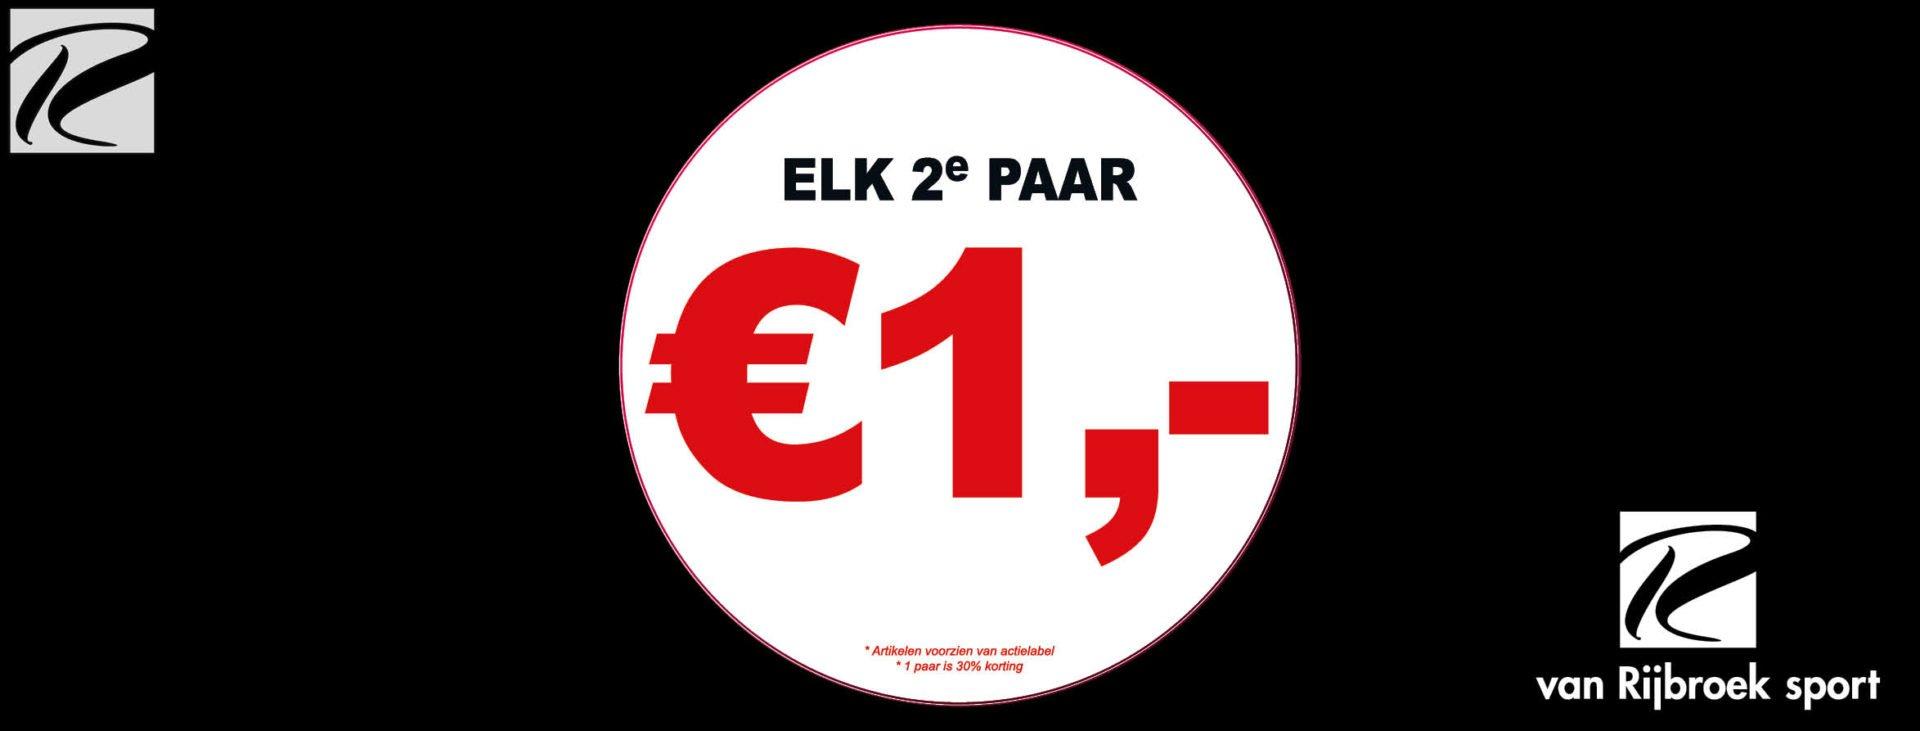 Elk 2e paar €1,-  sport